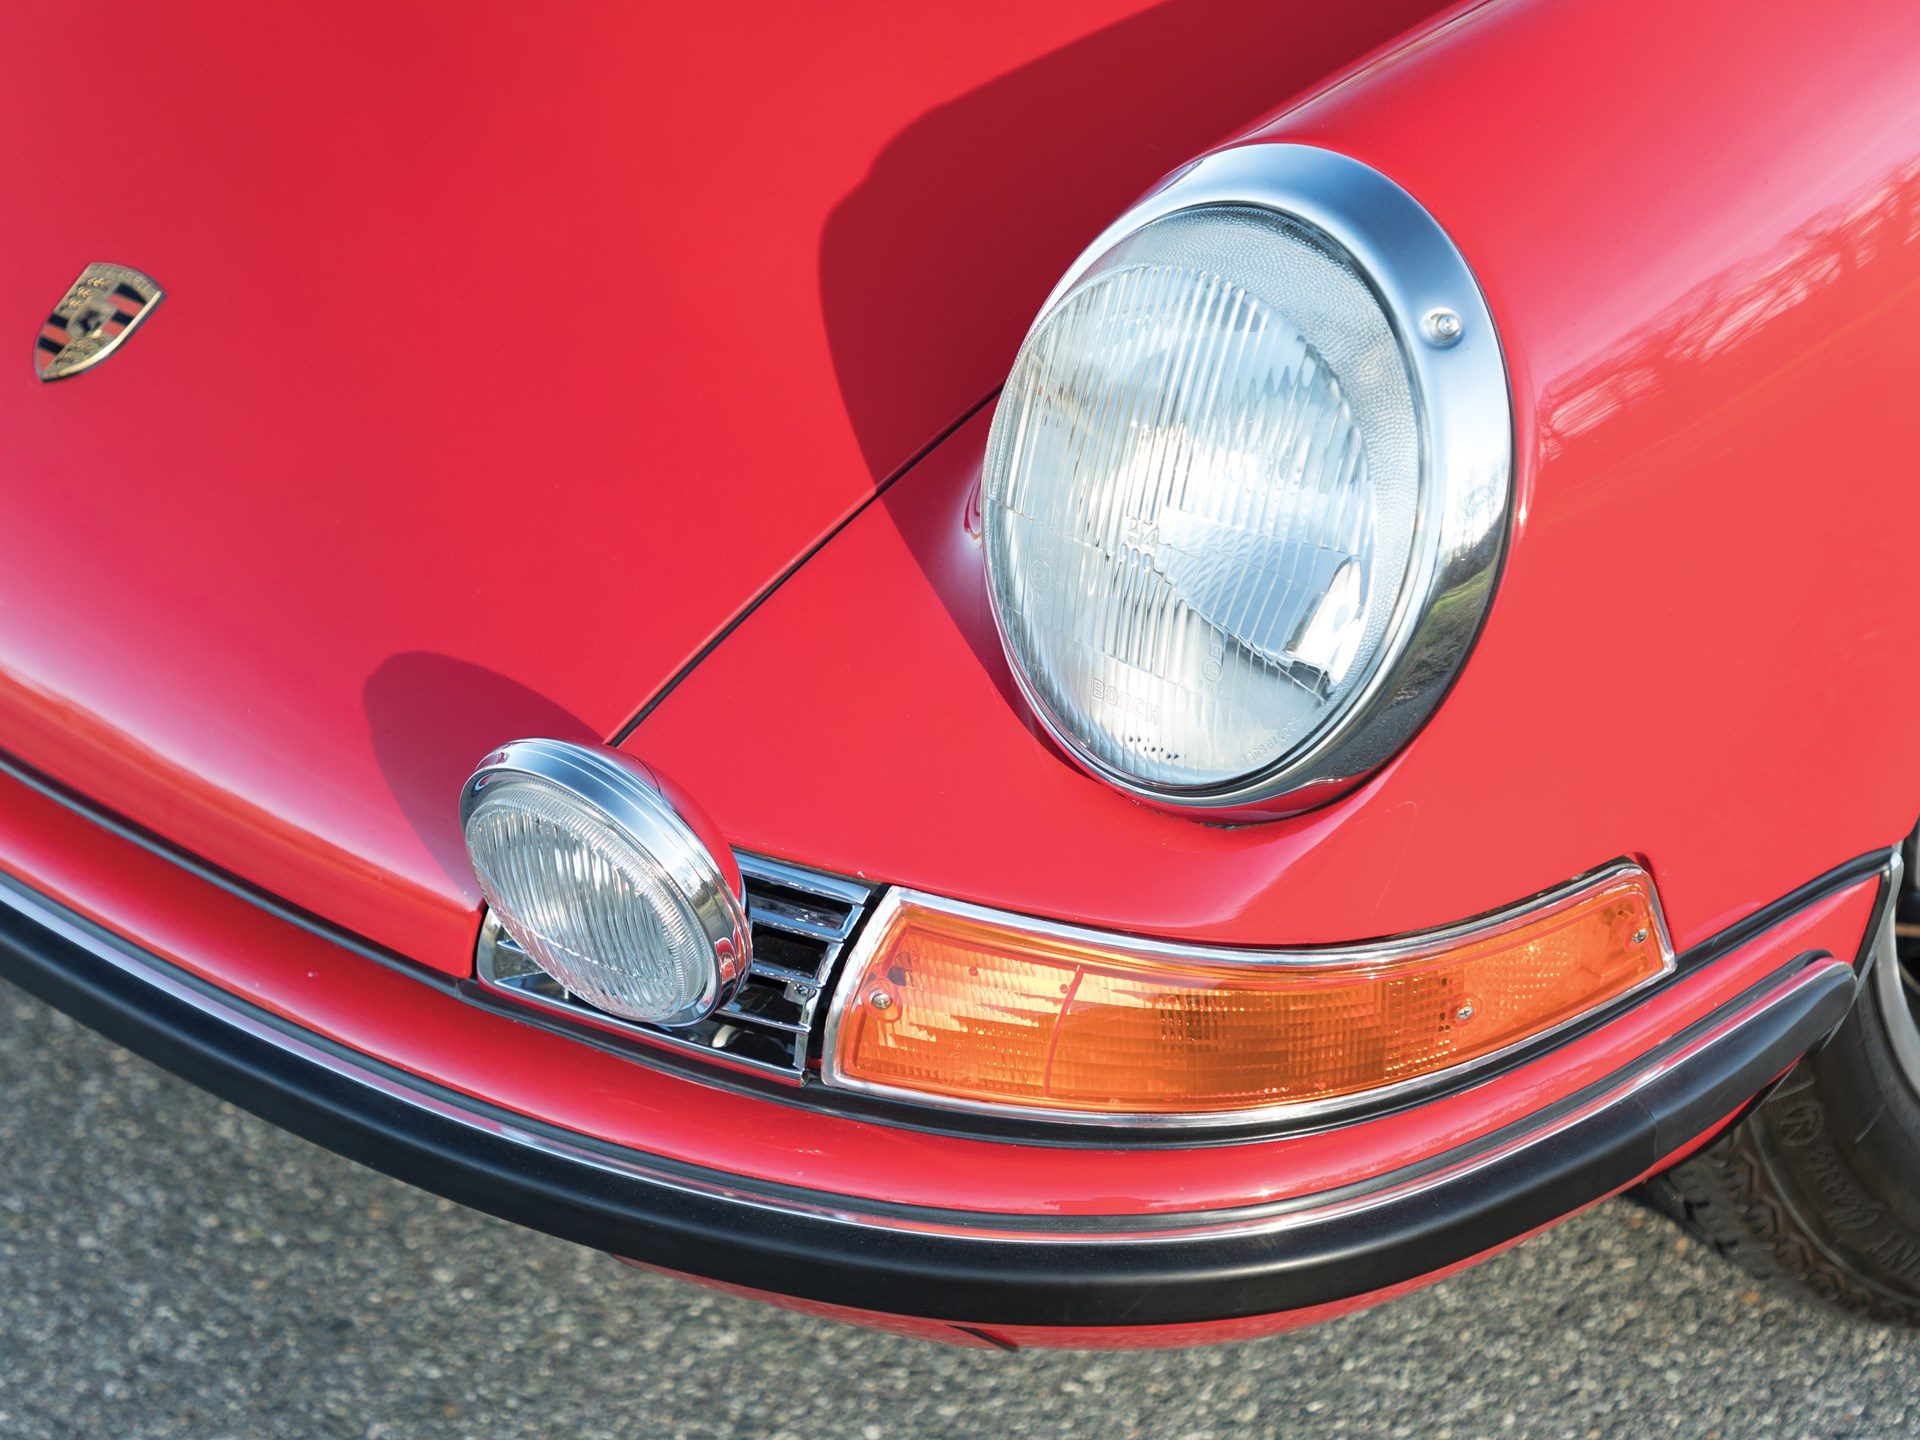 1971 Porsche 911 S 2.2 Coupe